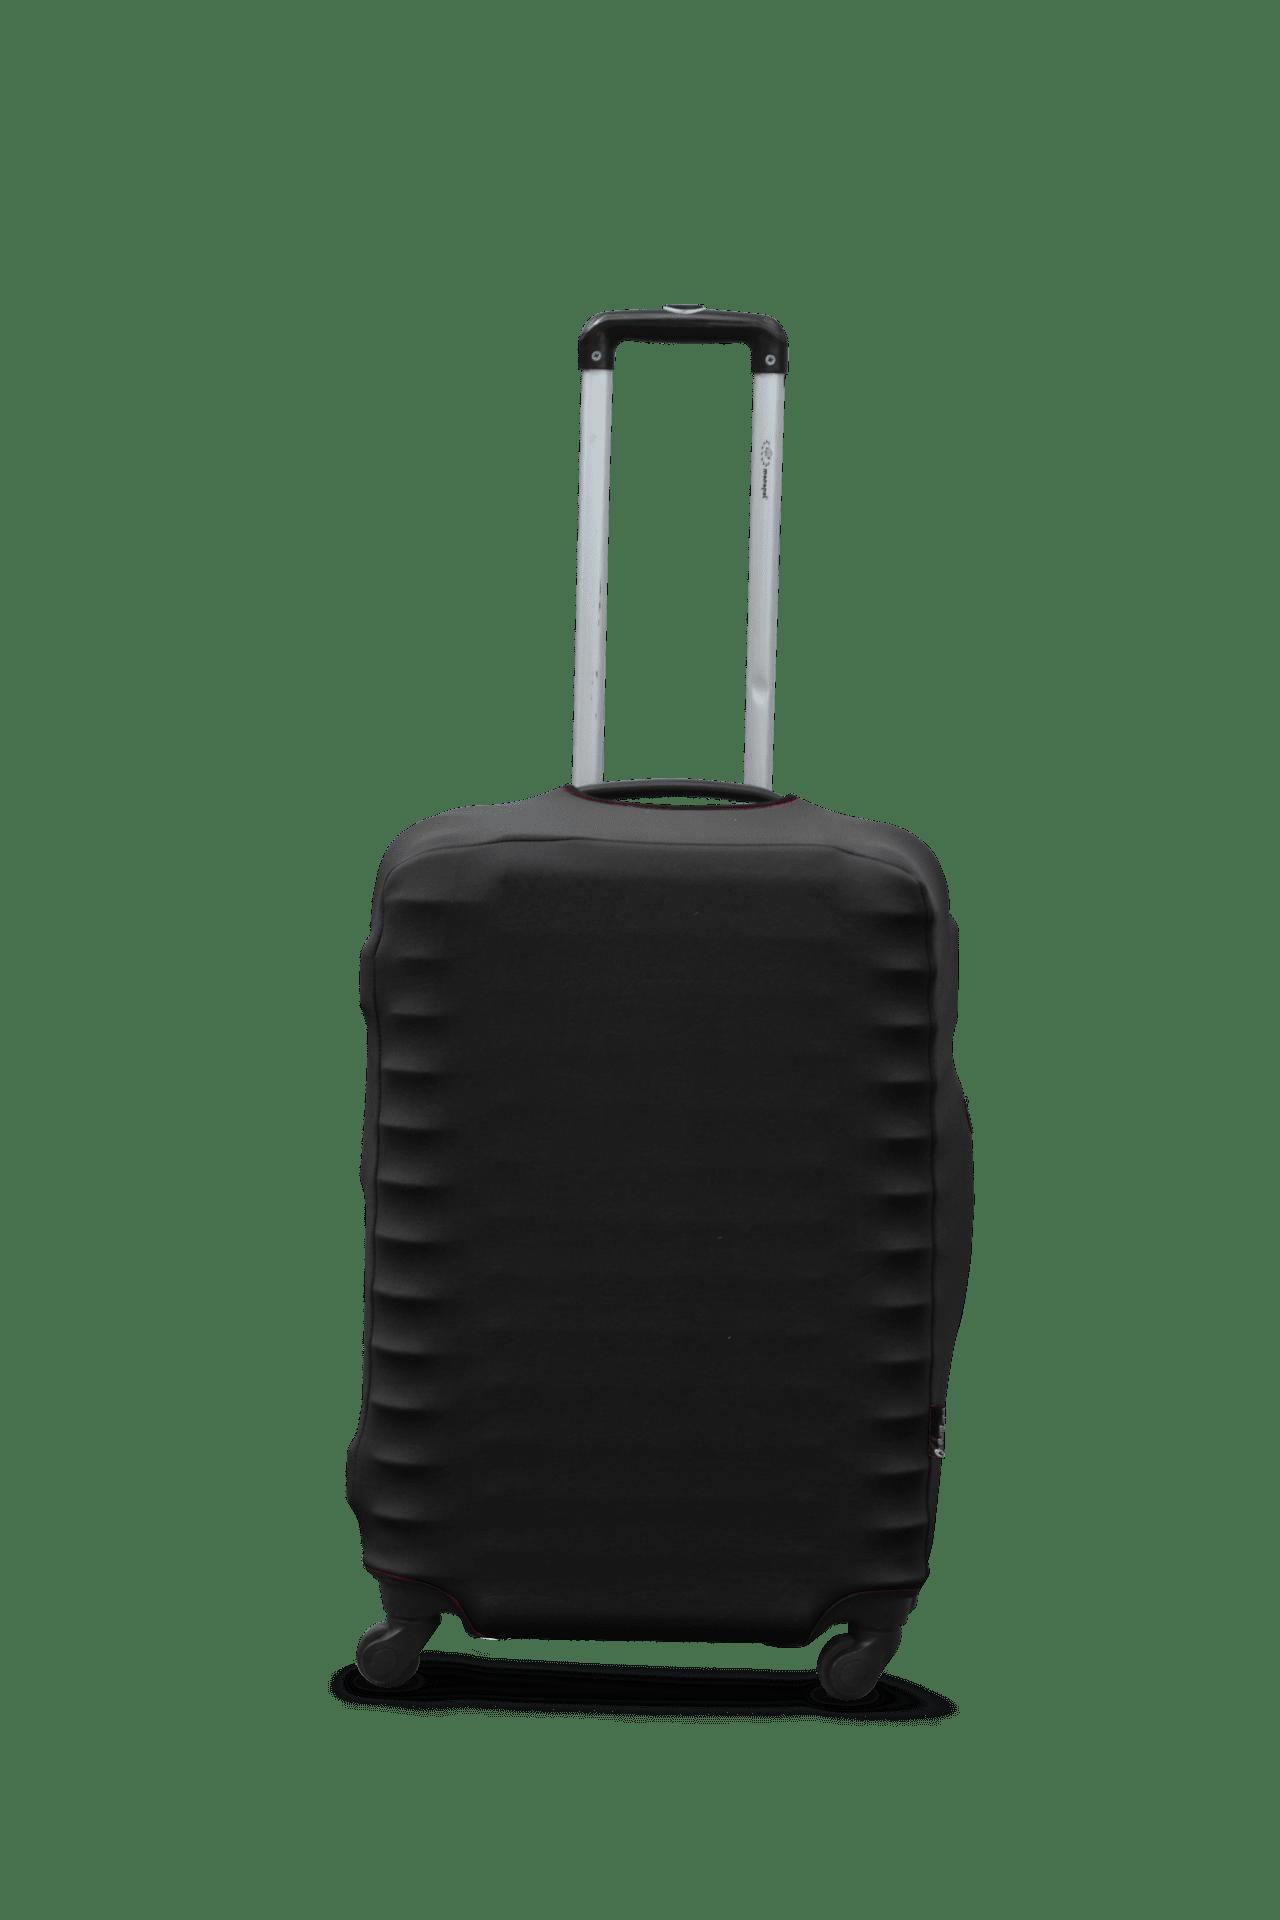 Husa pentru valiza daiving Cover dawing L BLACK